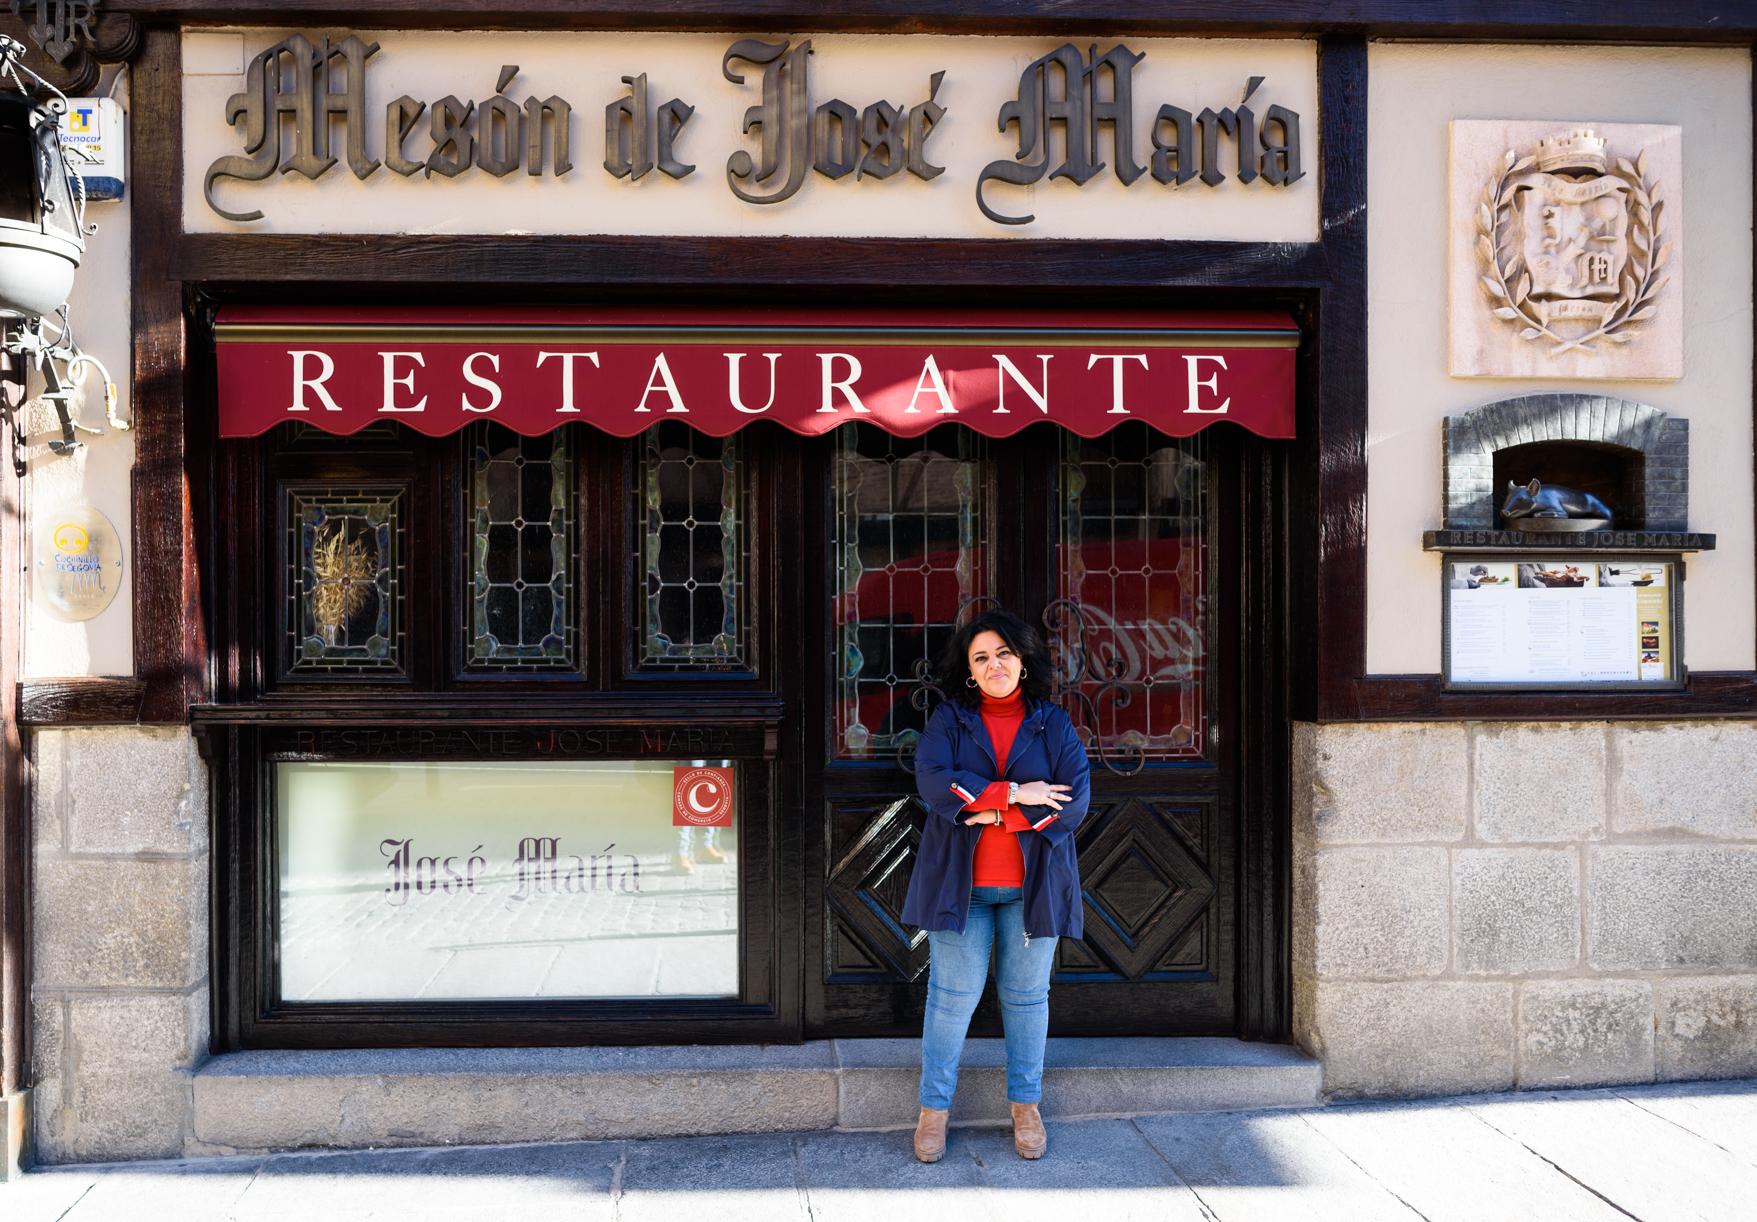 restaurante-jose-maria-segovia.jpg